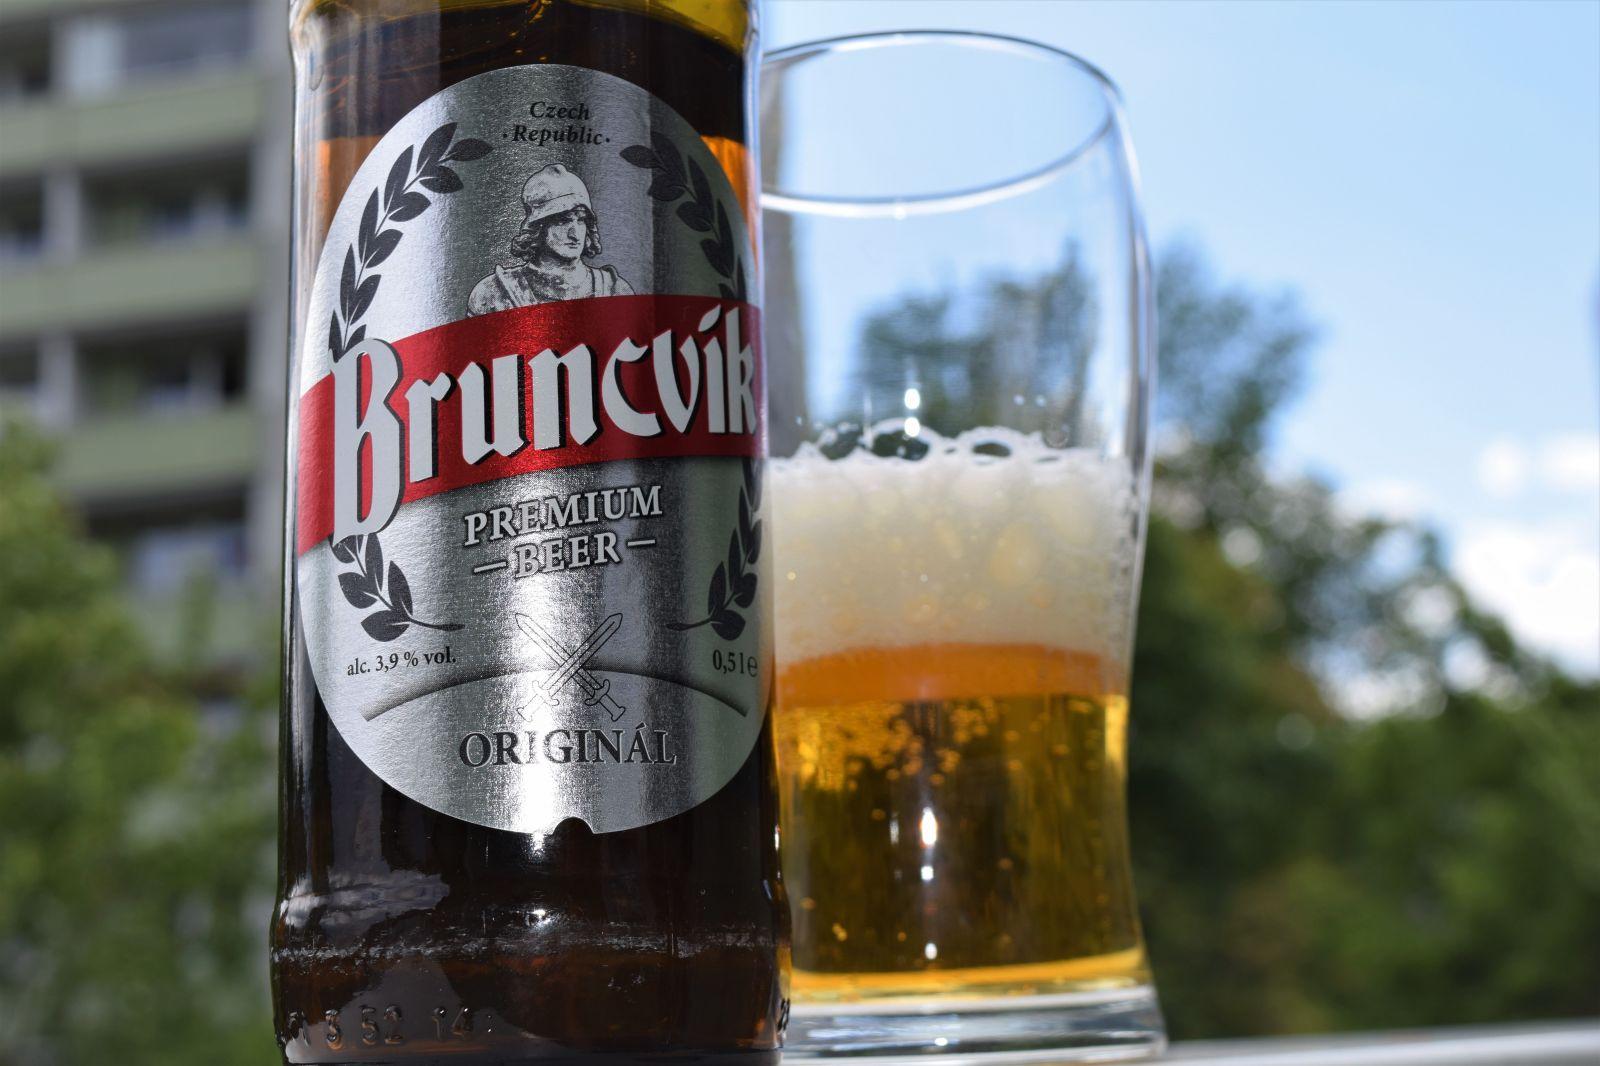 Velký test piv do 10 korun: Víme, kterým značkám se rozhodně vyhnout, a které neurazí a ulehčí tvé peněžence